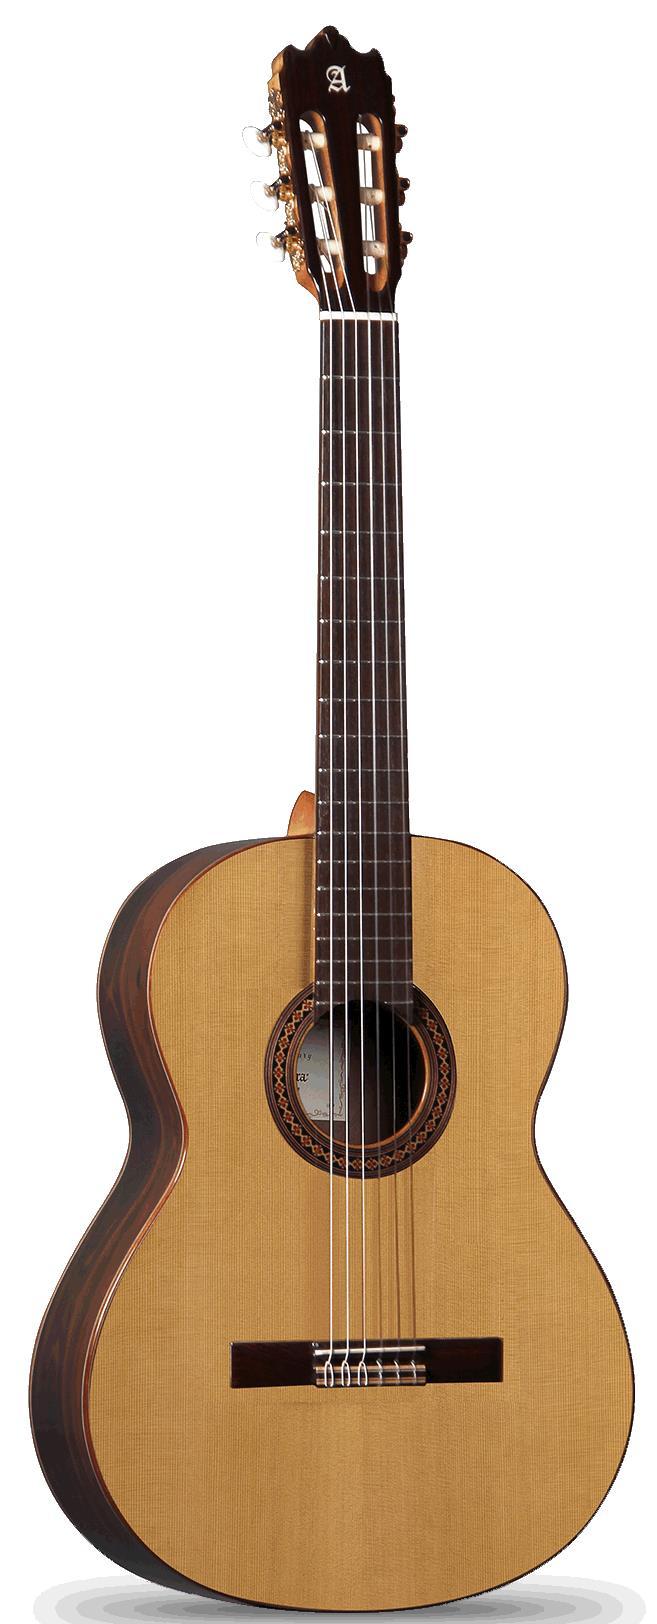 Гитара Alhambra 8.806 Classical Student Iberia Ziricote